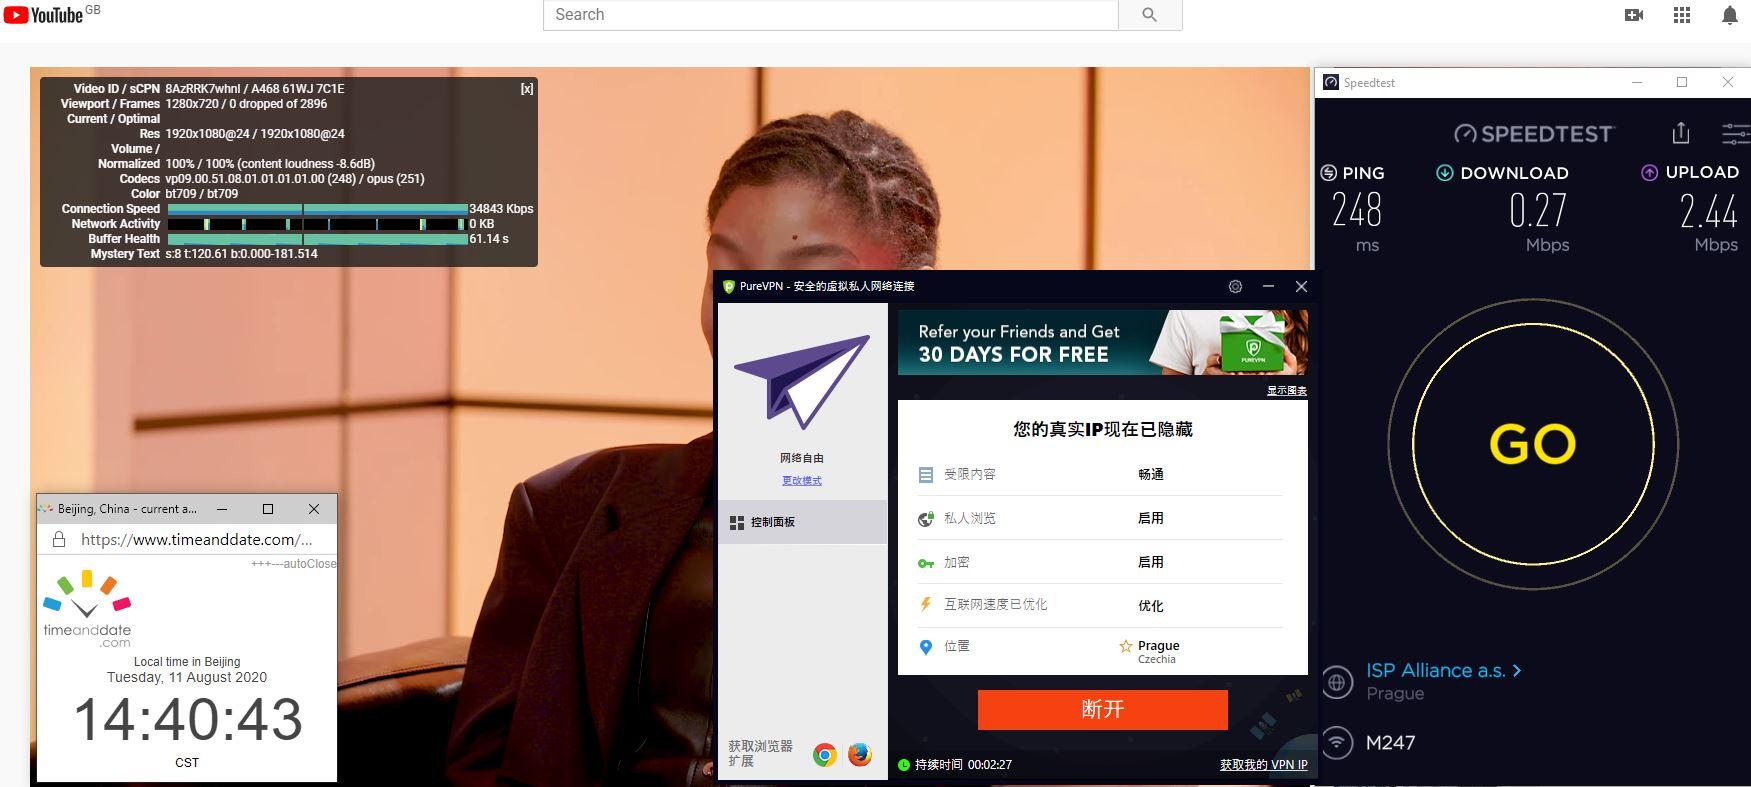 Windows10 PureVPN Caech Republic 中国VPN 翻墙 科学上网 翻墙速度测试 - 20200811